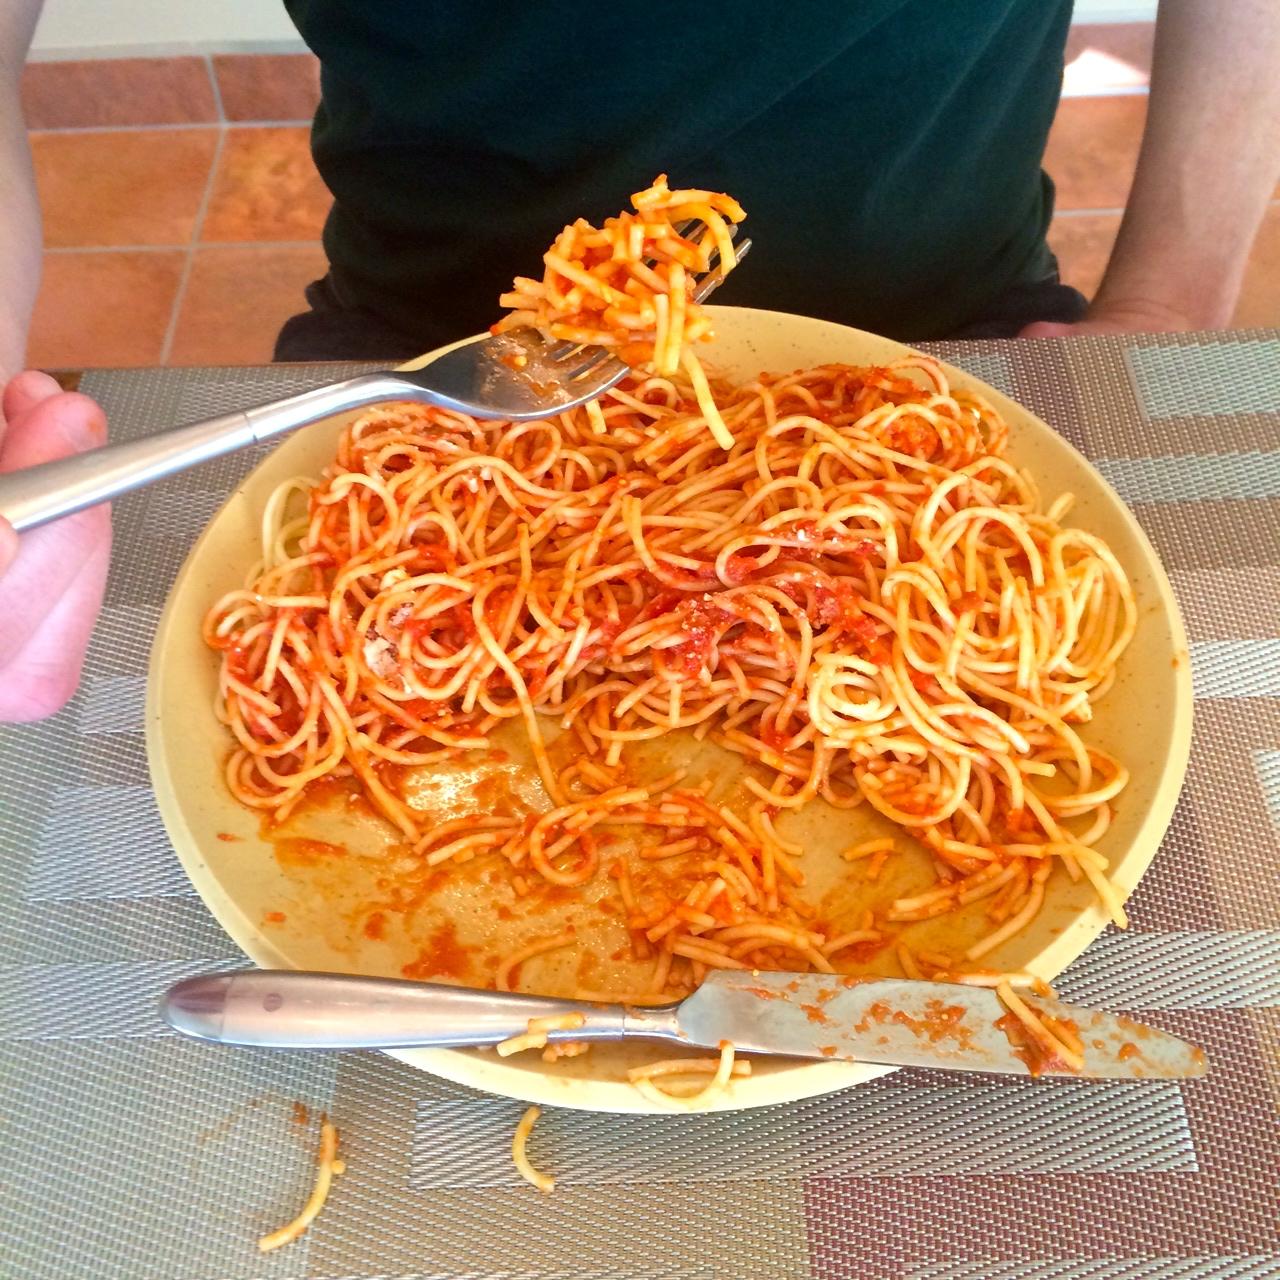 Cutting your spaghetti